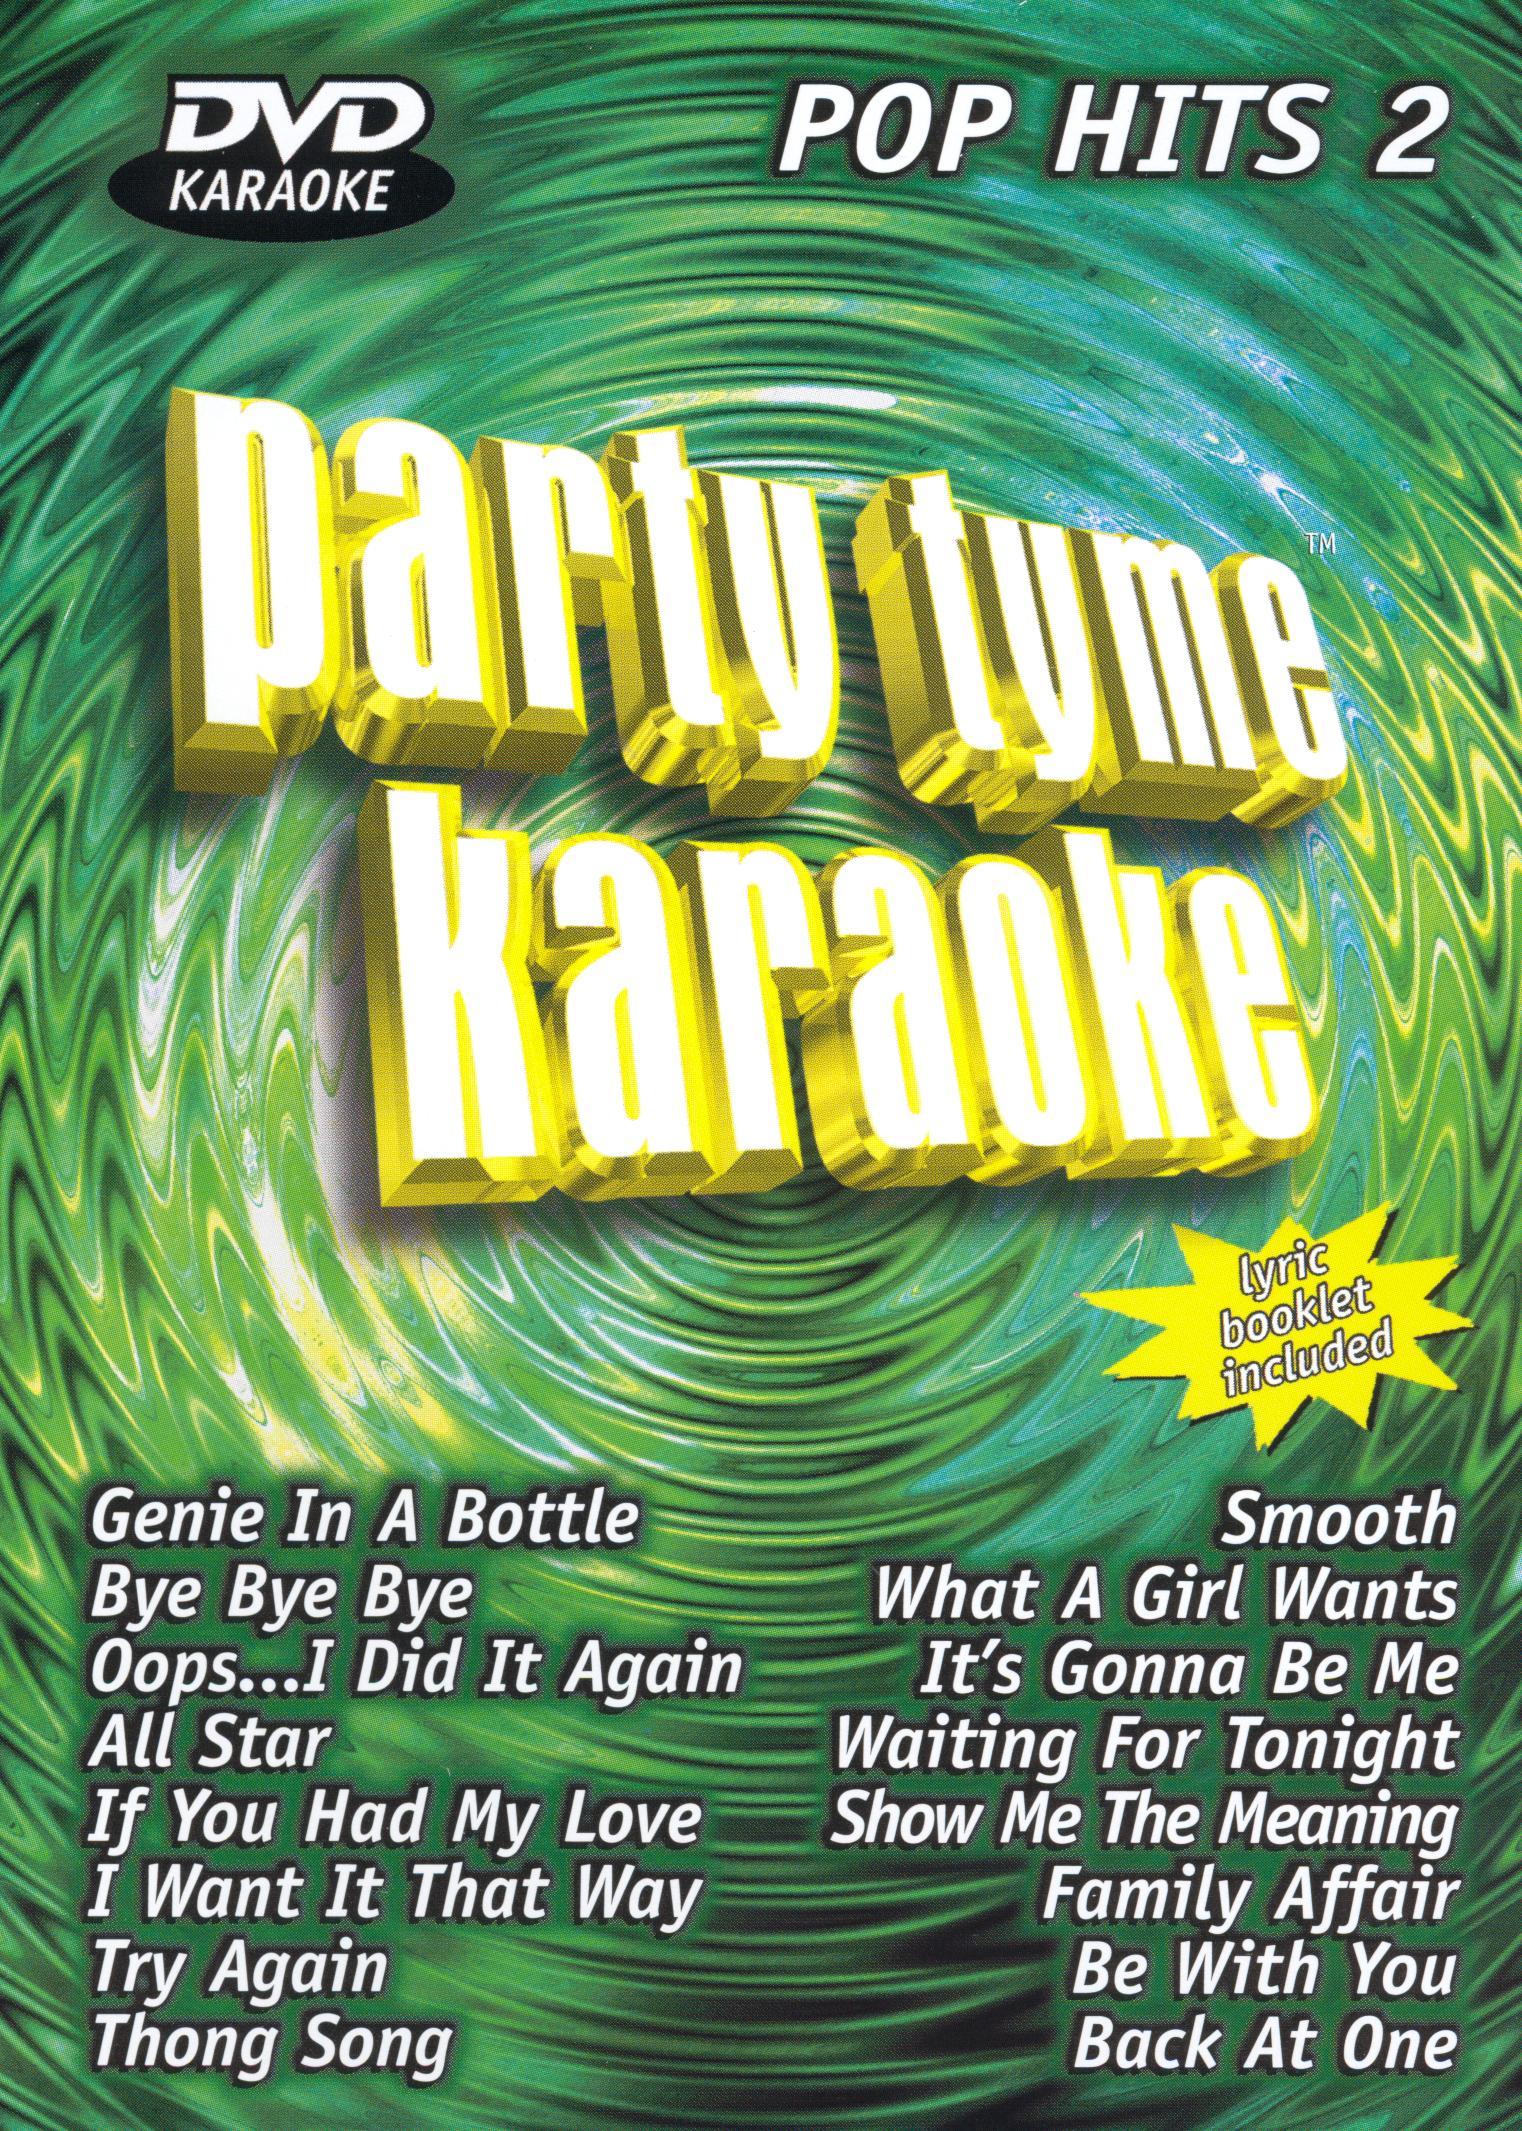 Party Tyme Karaoke: Pop Hits, Vol. 2